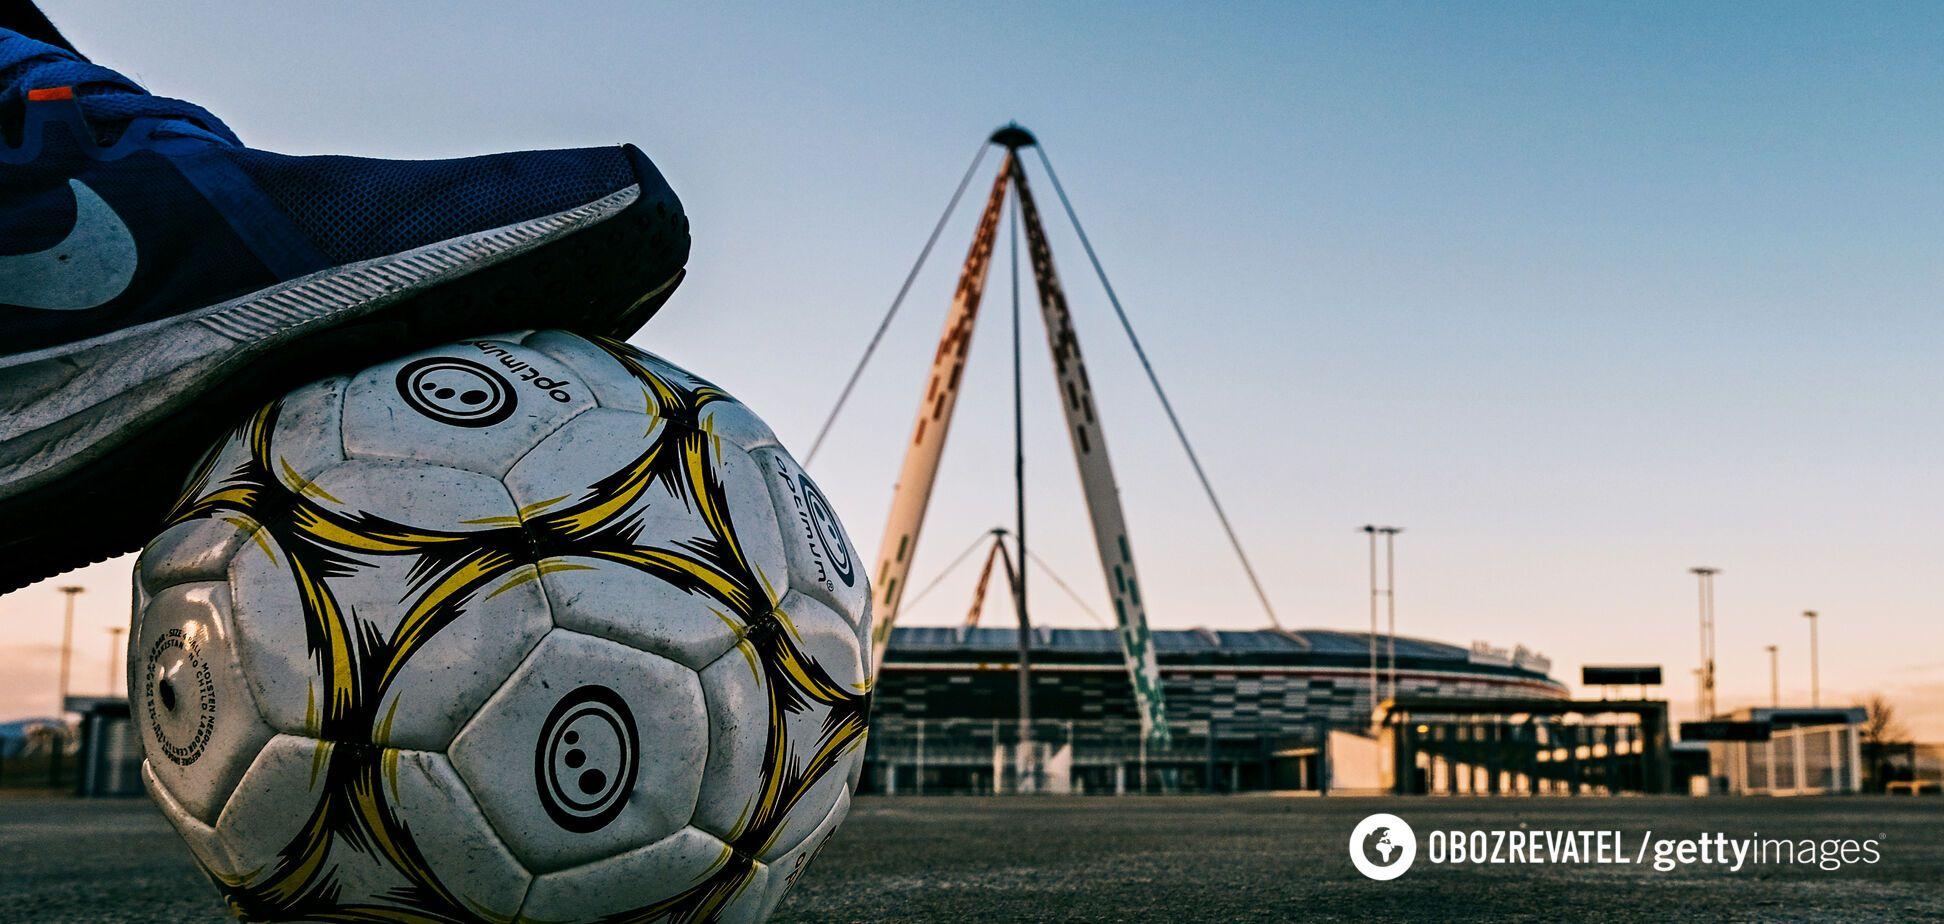 Вопреки карантину: эксклюзивное интервью из Италии – о коронавирусе, новых интригах и будущем итальянского футбола